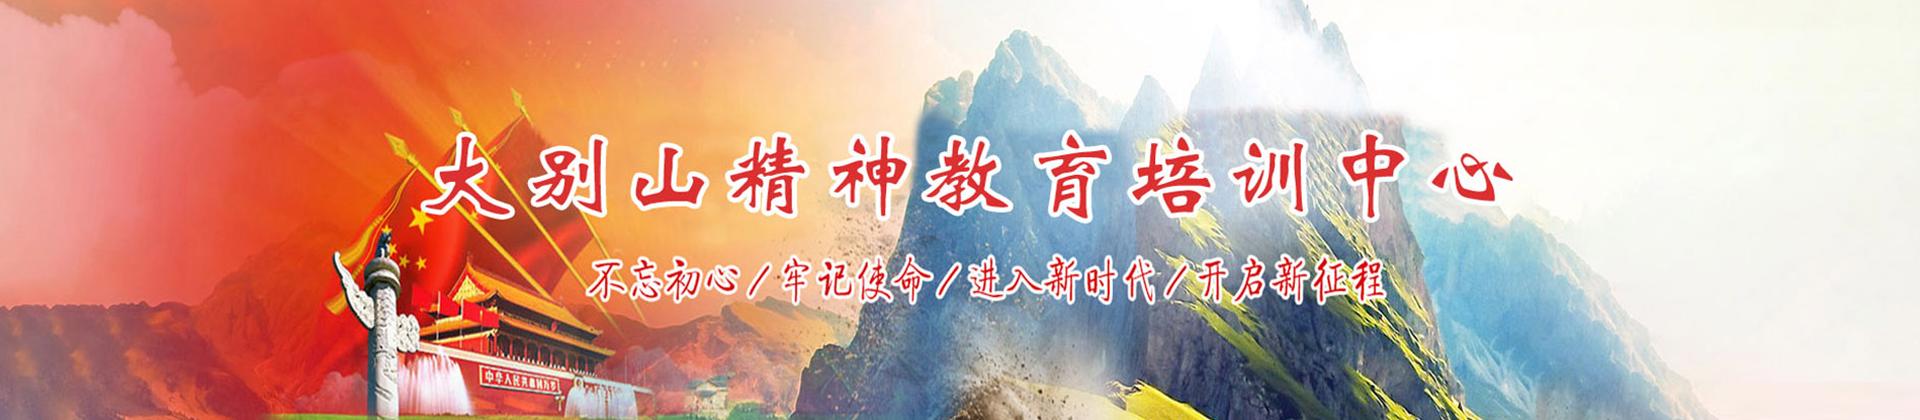 大别山精神教育培训中心